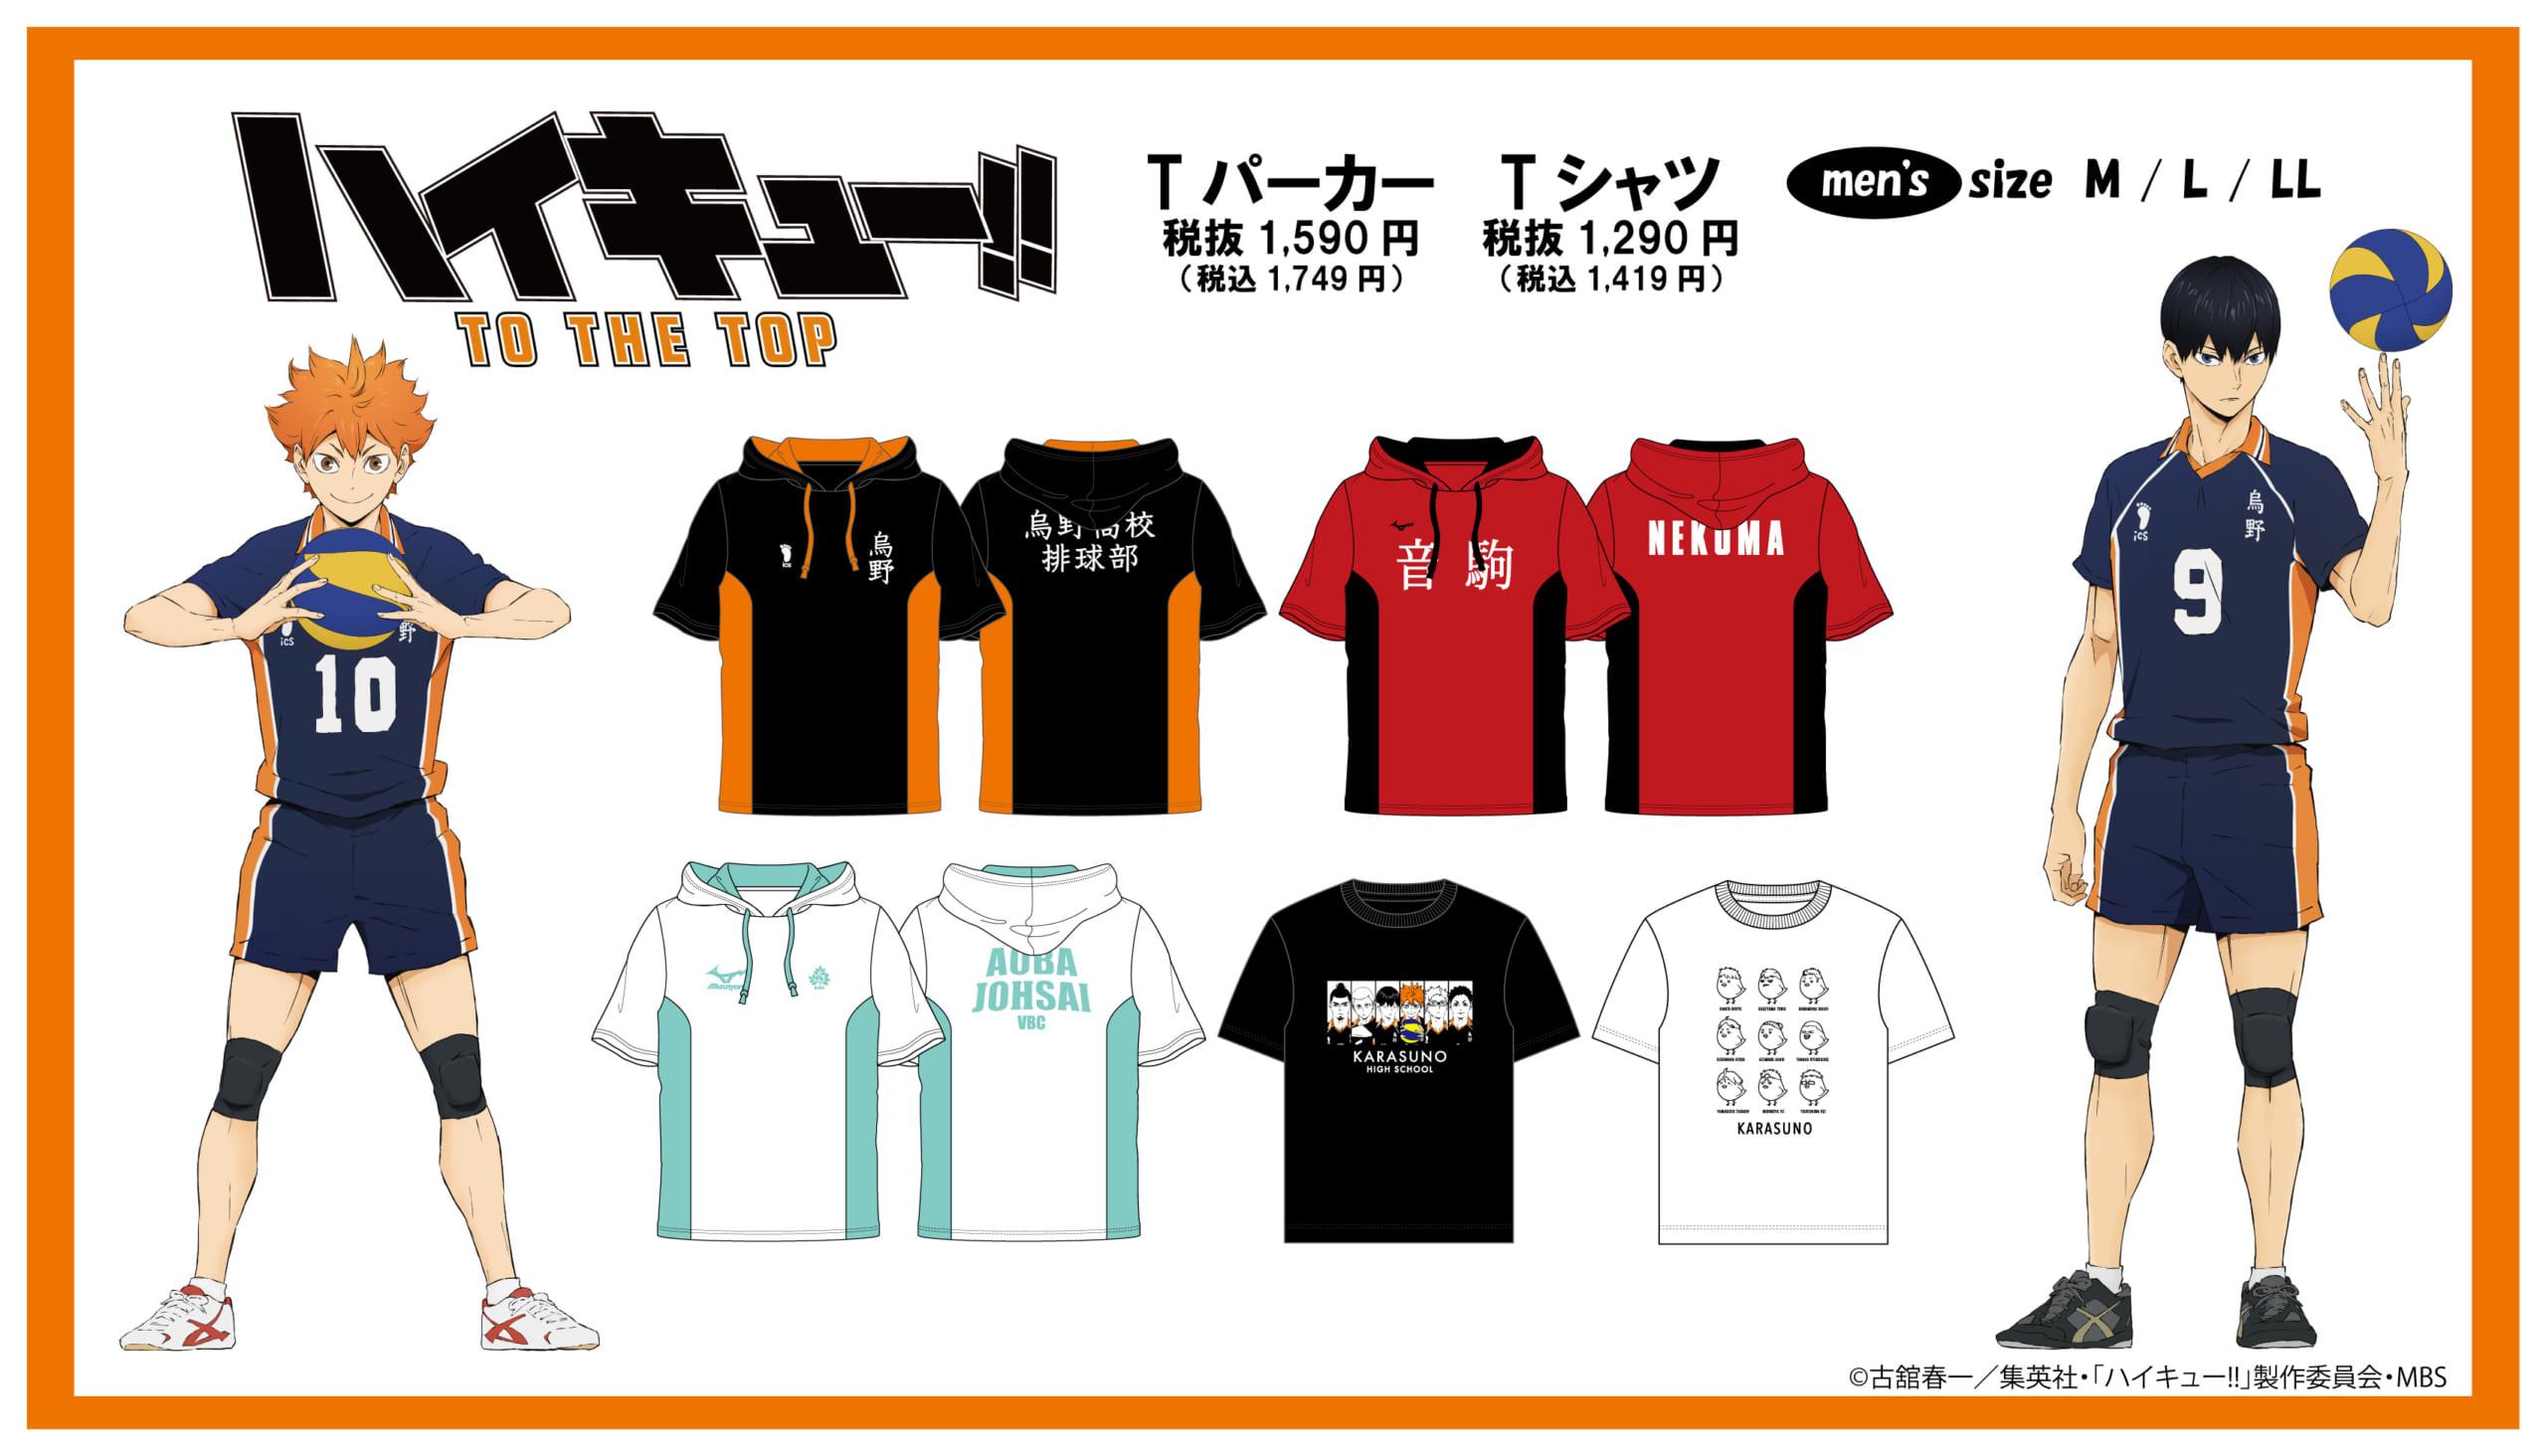 「ハイキュー!!」×「ドン・キホーテ」烏野・青城・音駒のユニフォームデザインTパーカーが販売決定!